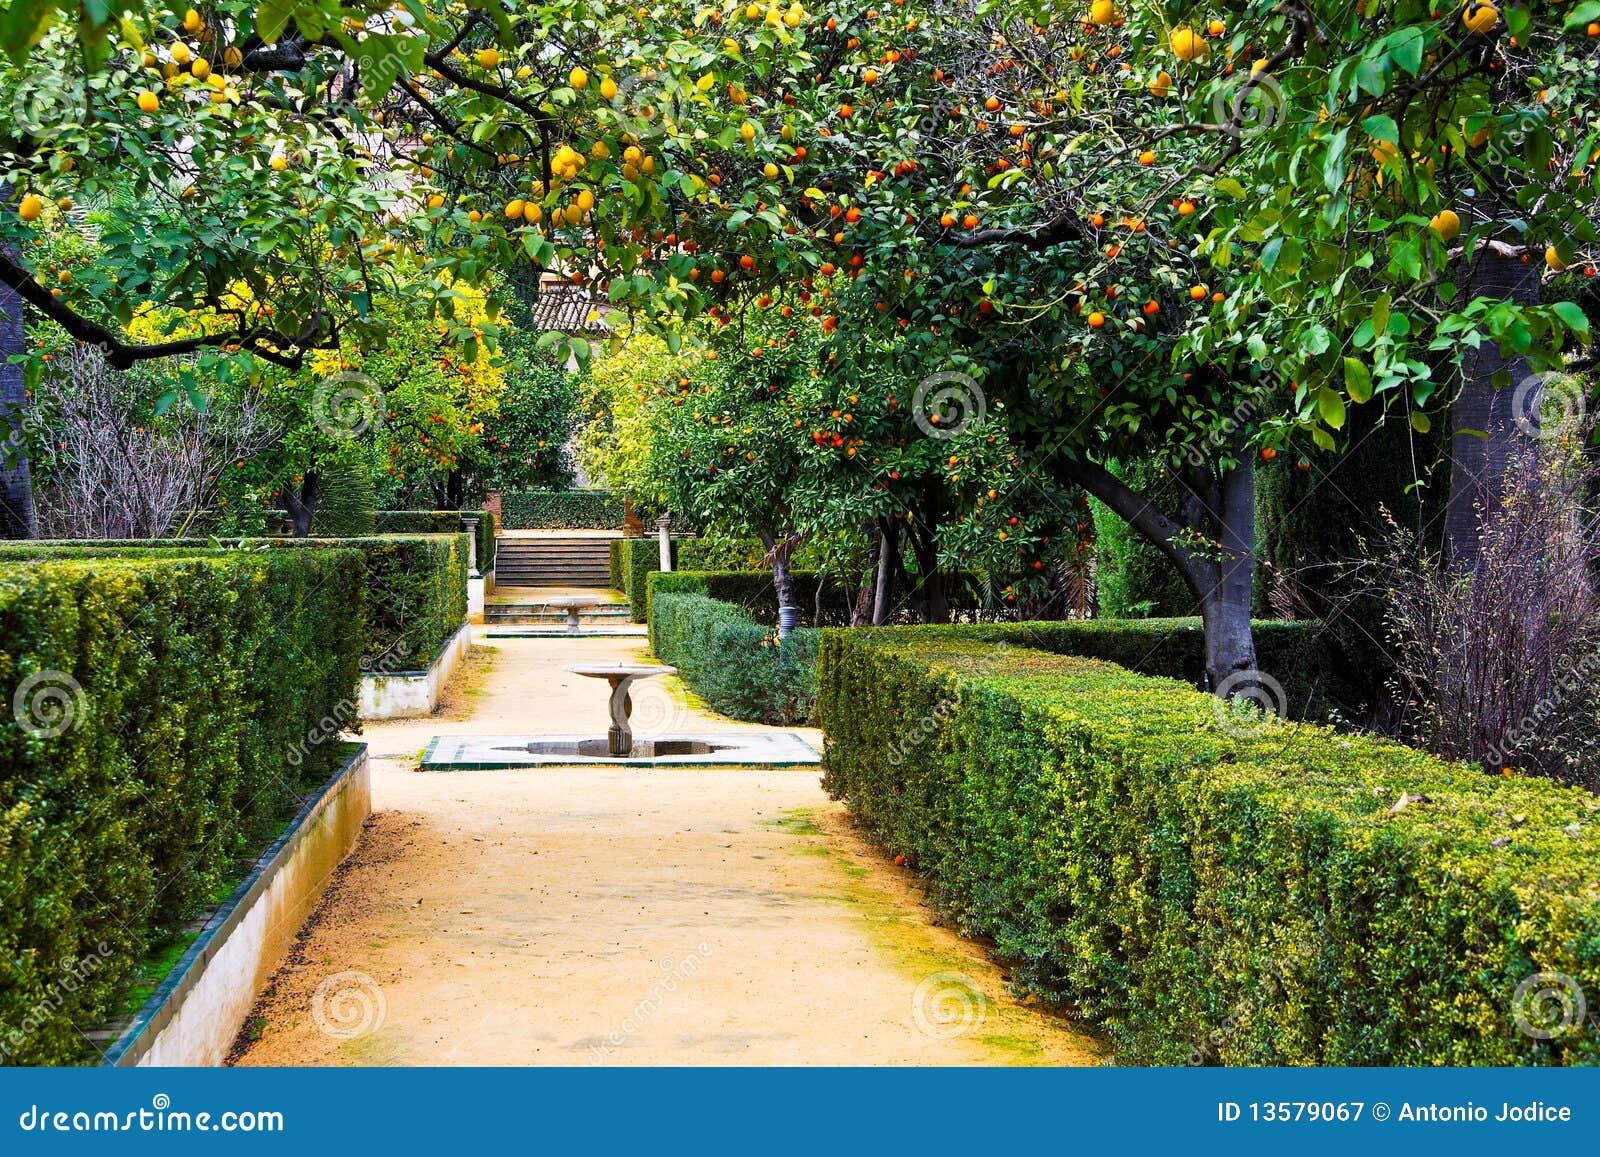 Giardini reali di alcazar in siviglia spagna fotografia - Giardini decorati ...